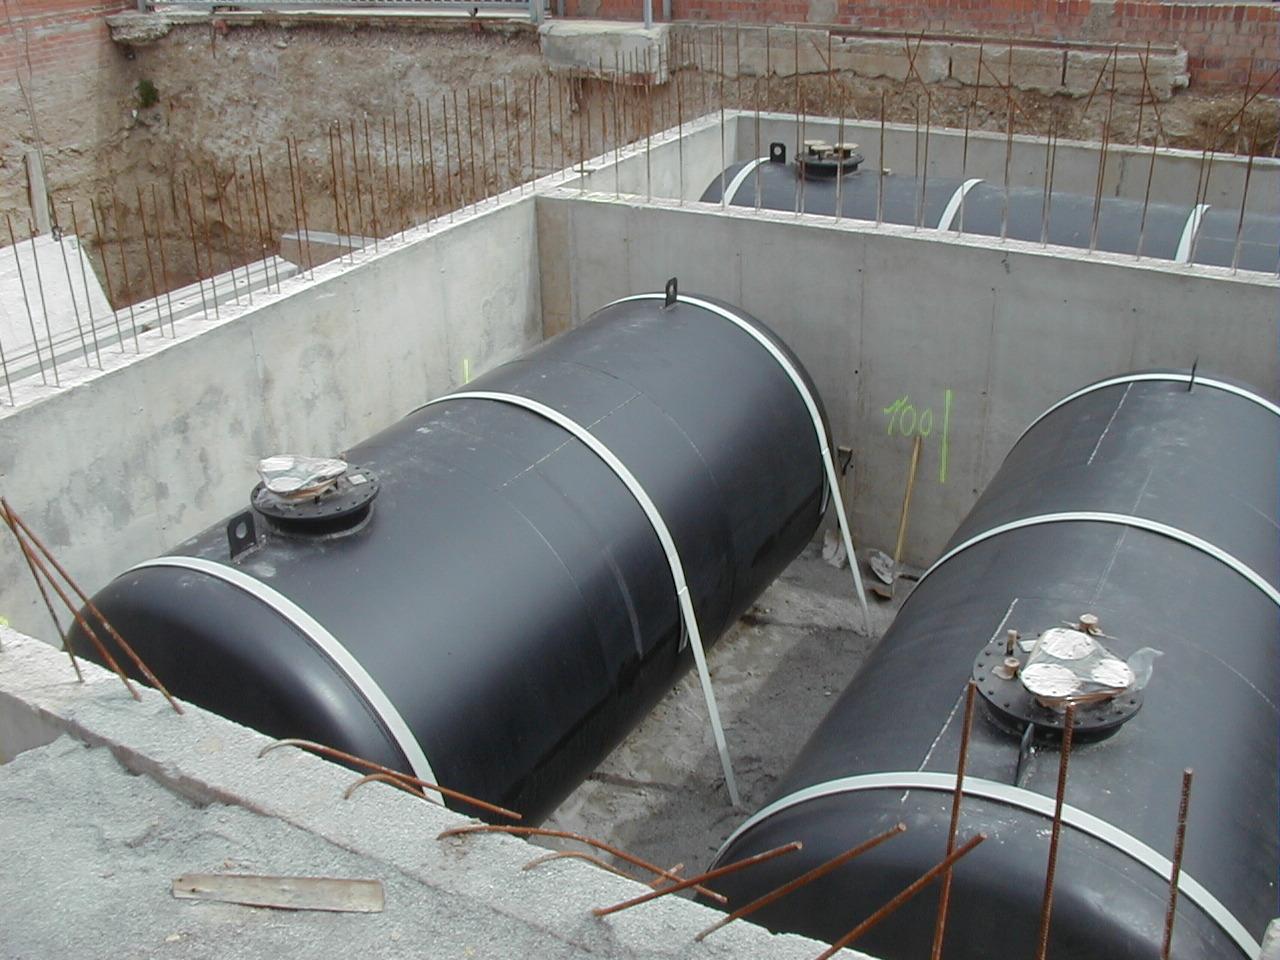 Depósitos y desgasificadores calderas de vapor Calderería López Hermanos, S.A. Valencia